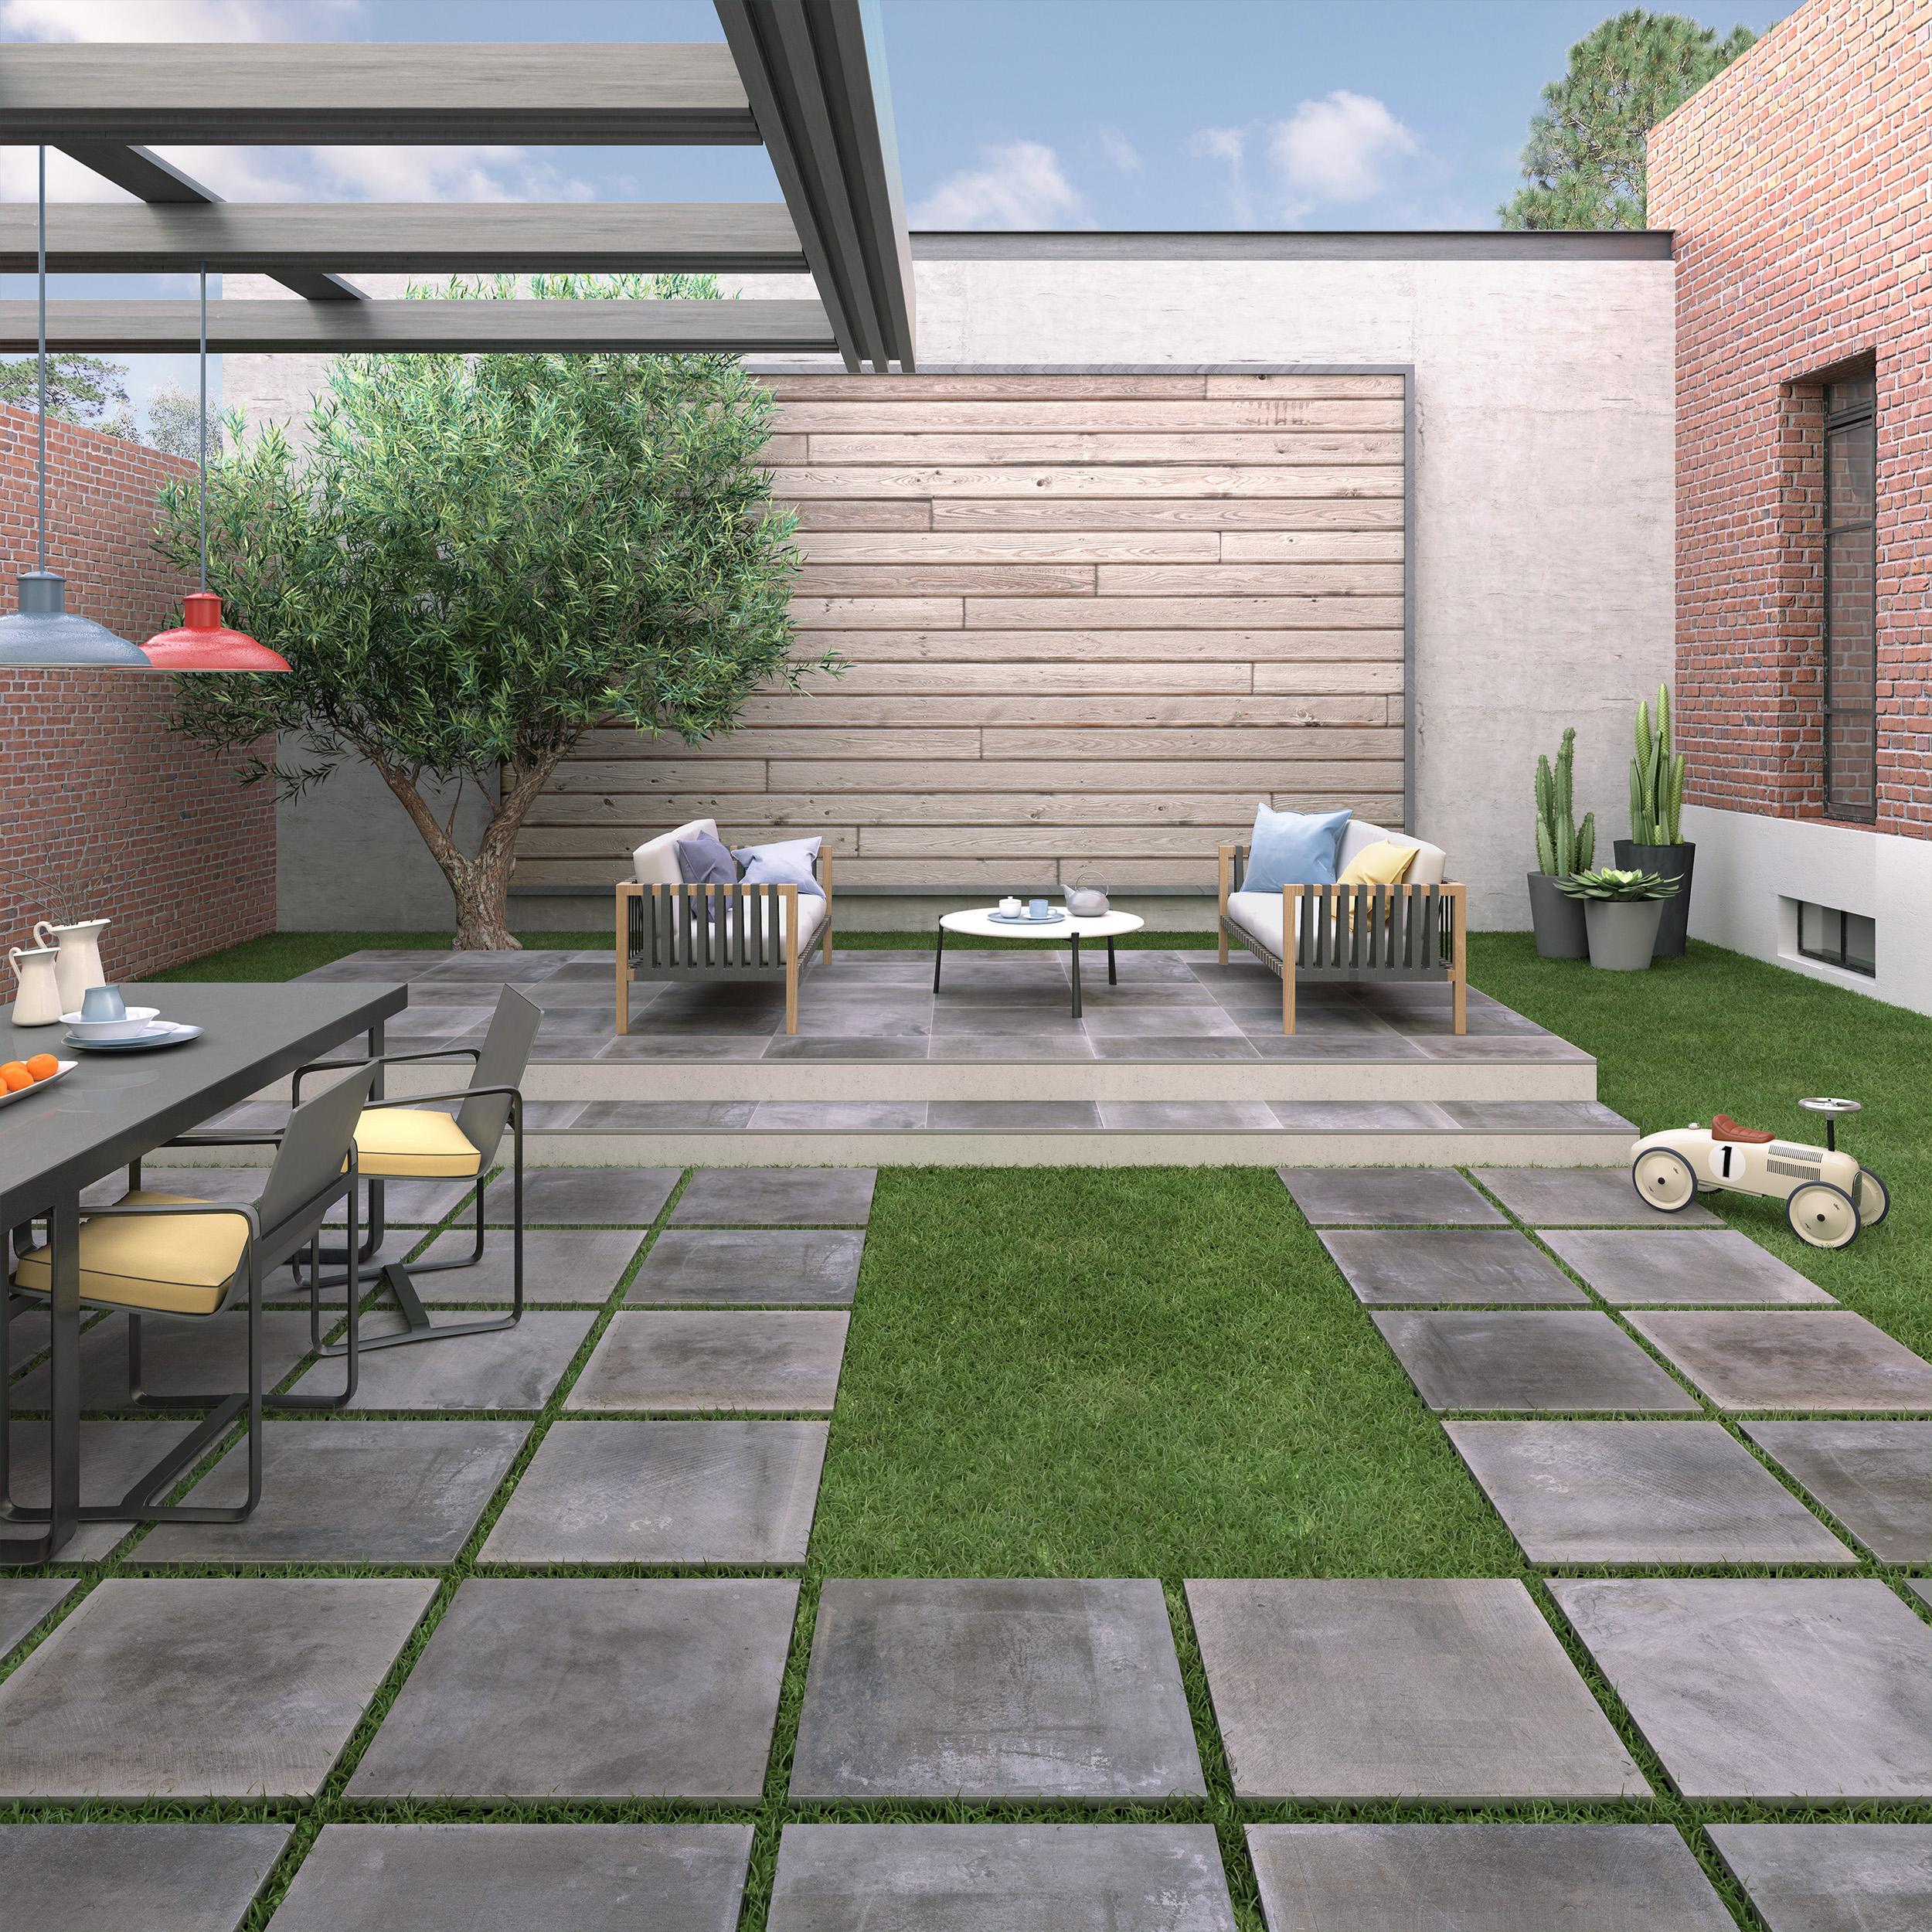 carrelage exterieur et dalle piscine forte paisseur 2 cm carrelage. Black Bedroom Furniture Sets. Home Design Ideas